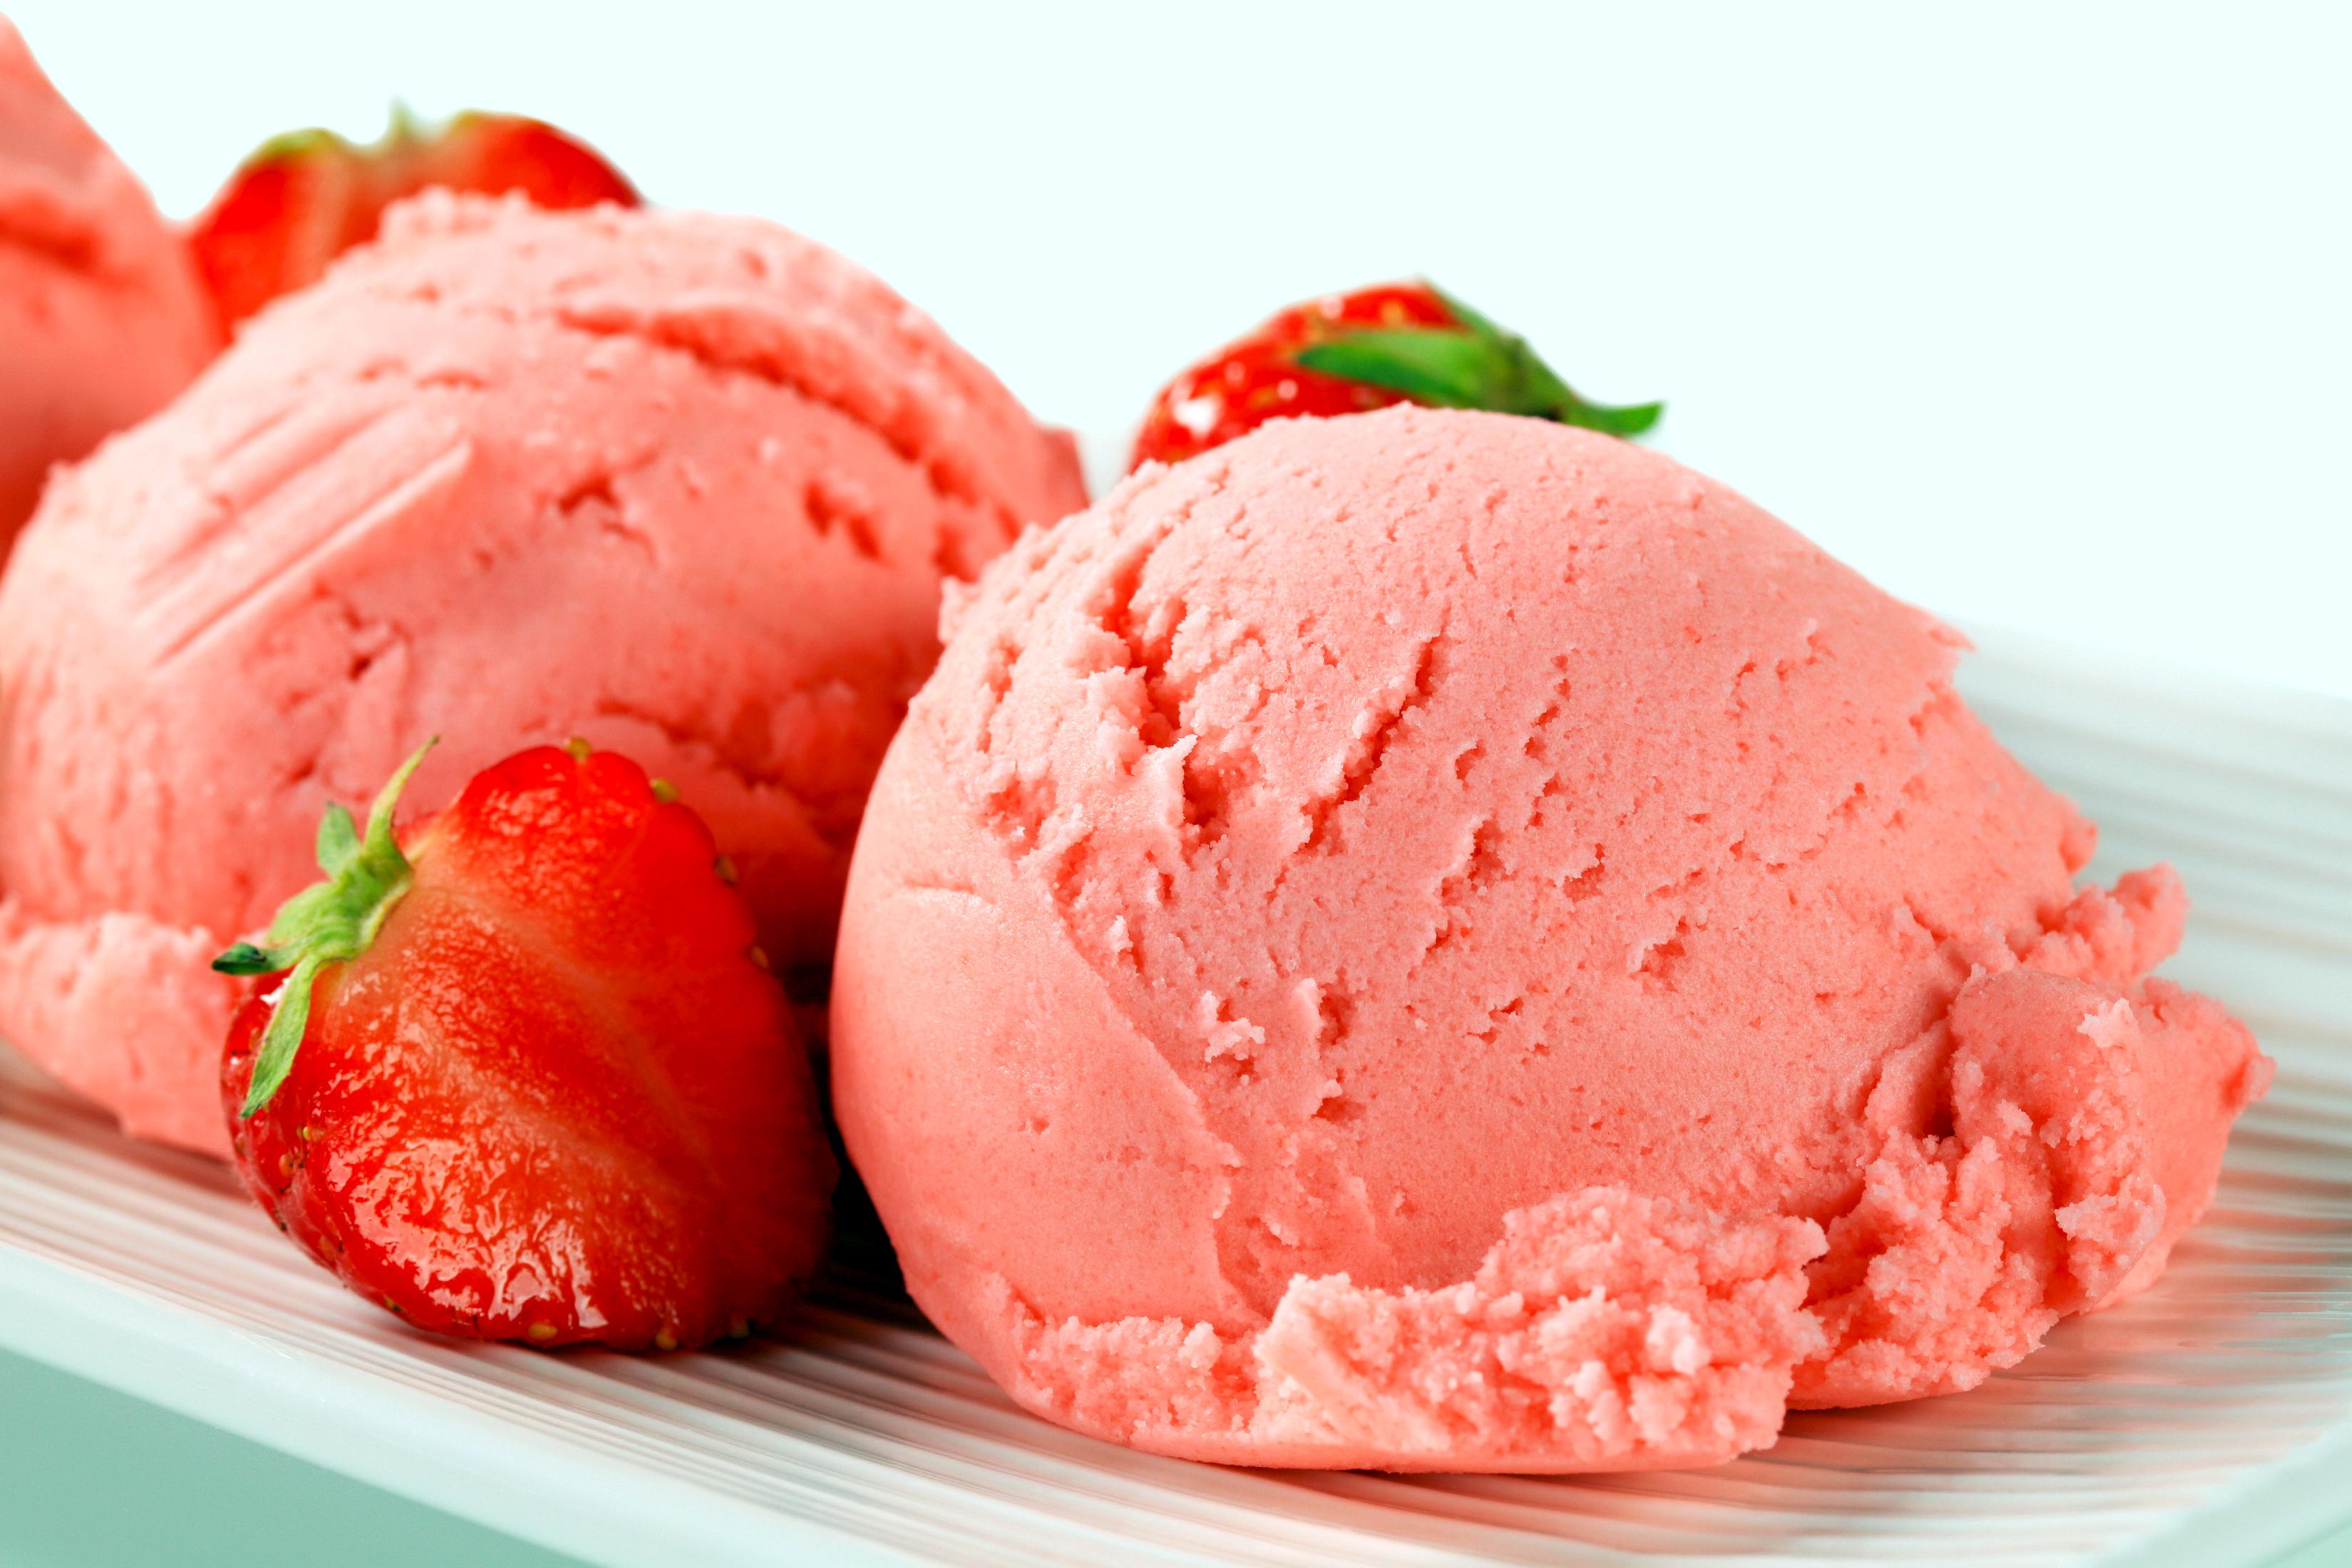 мороженое клубника шарики ice cream strawberry balls  № 2145050  скачать